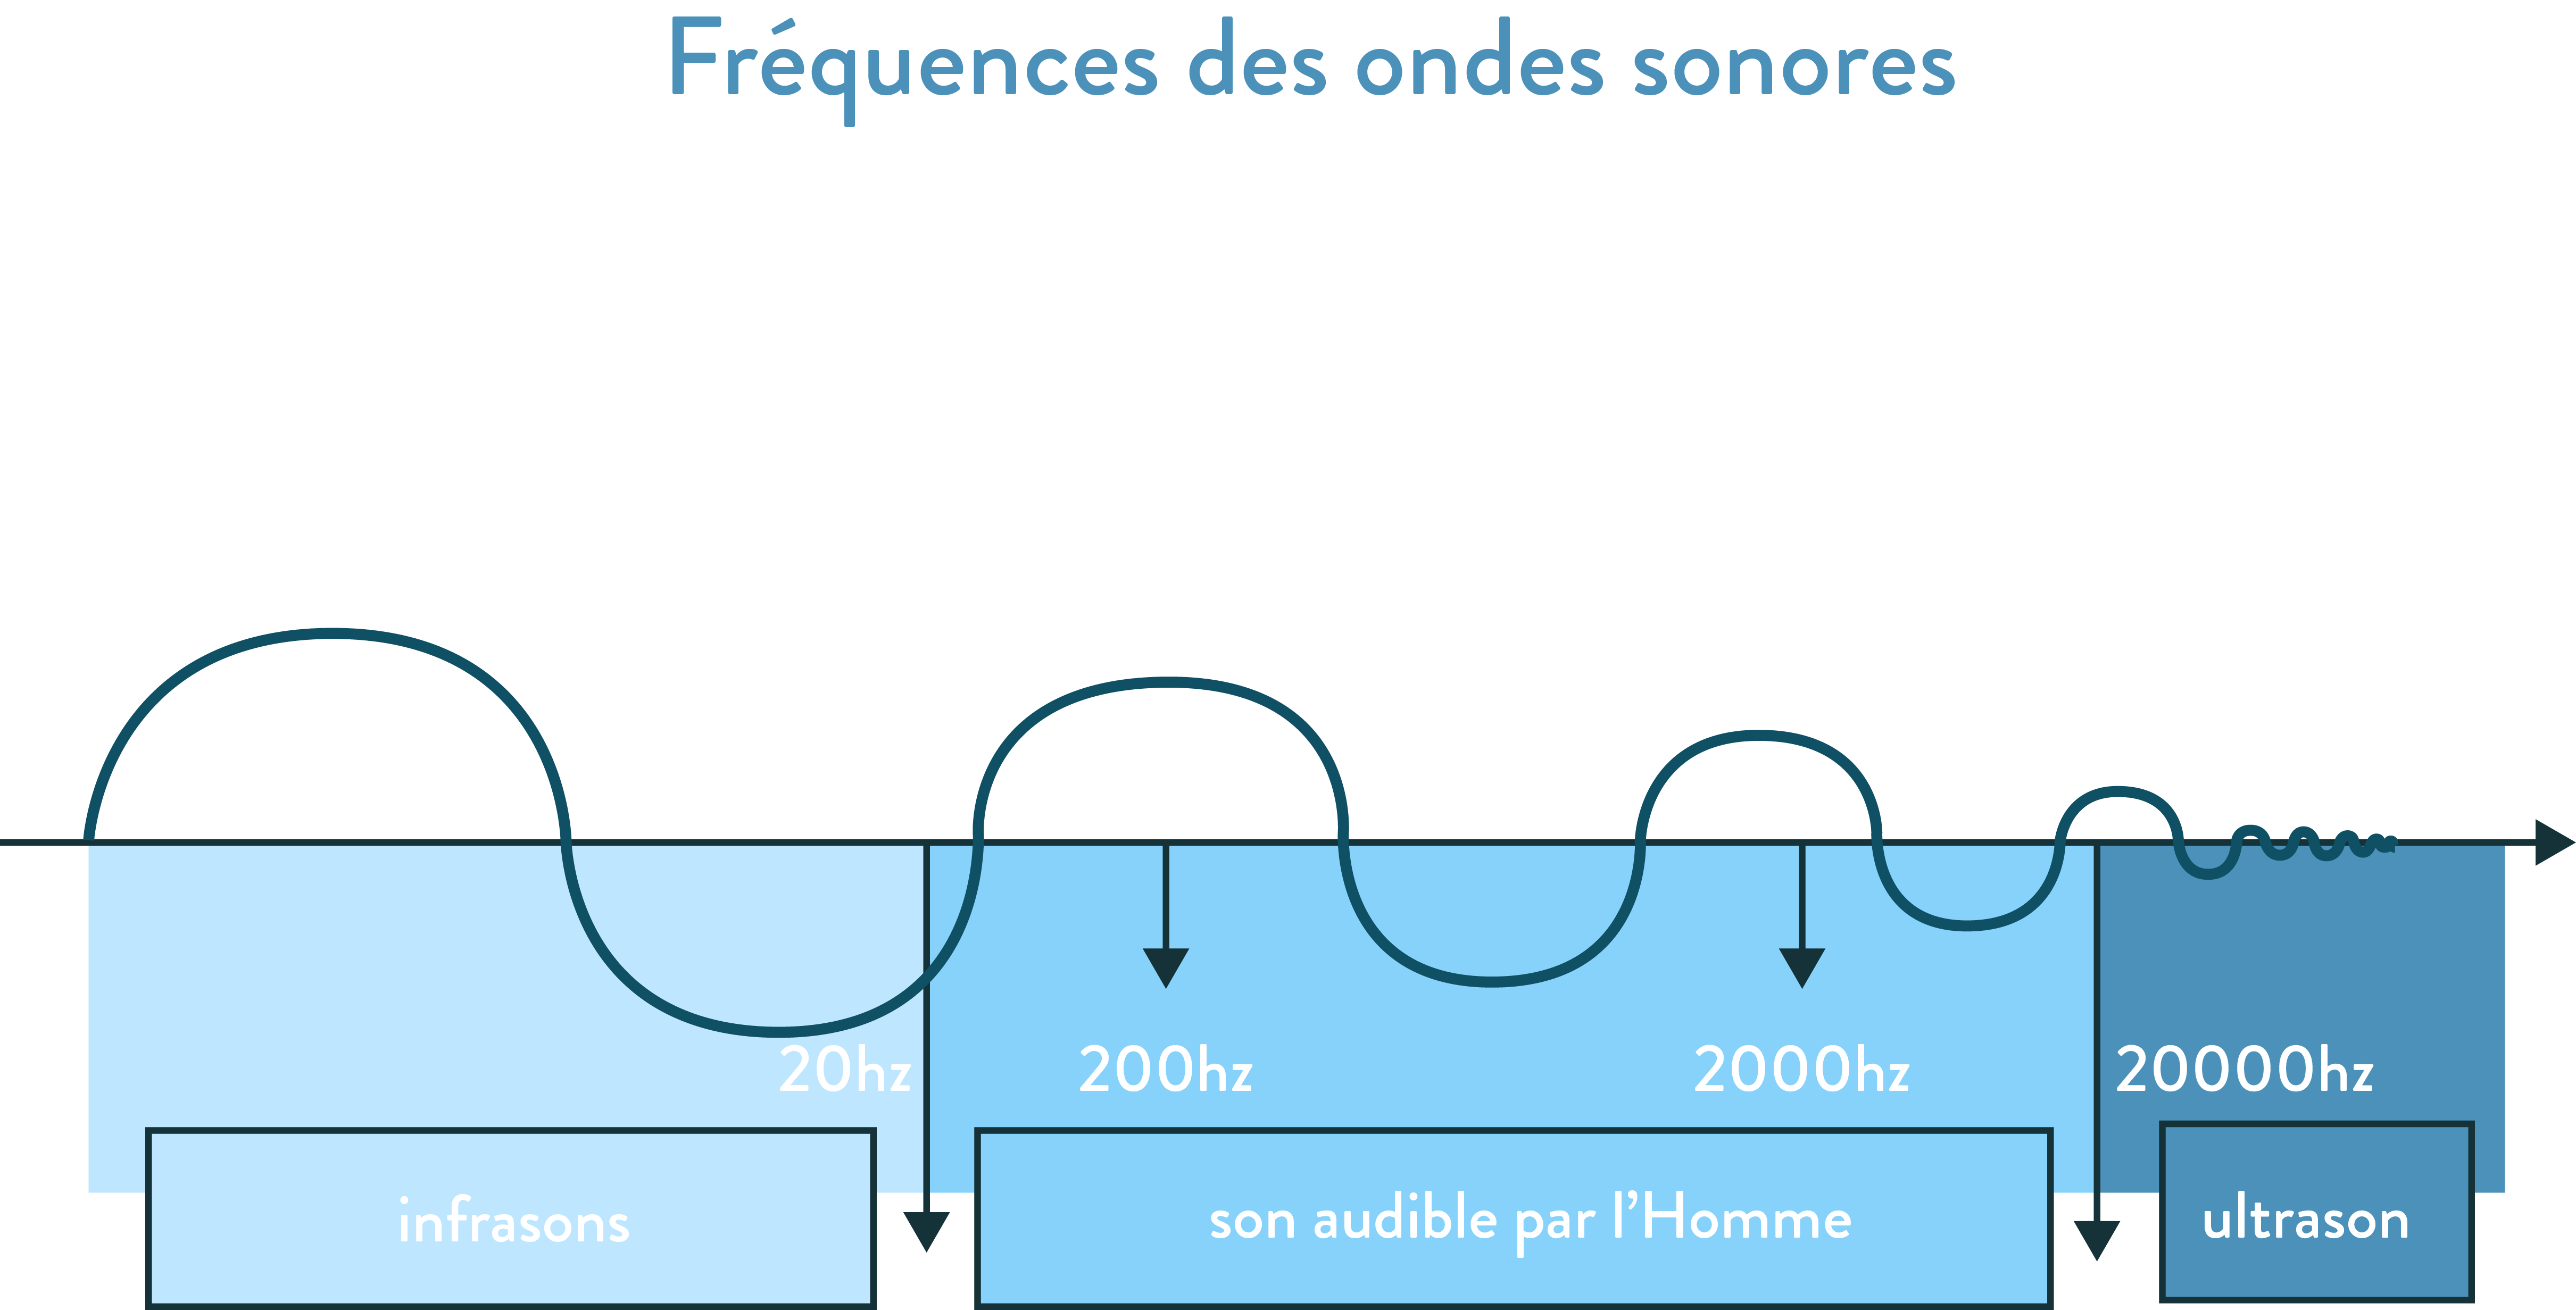 Fréquences des ondes sonores 2nde